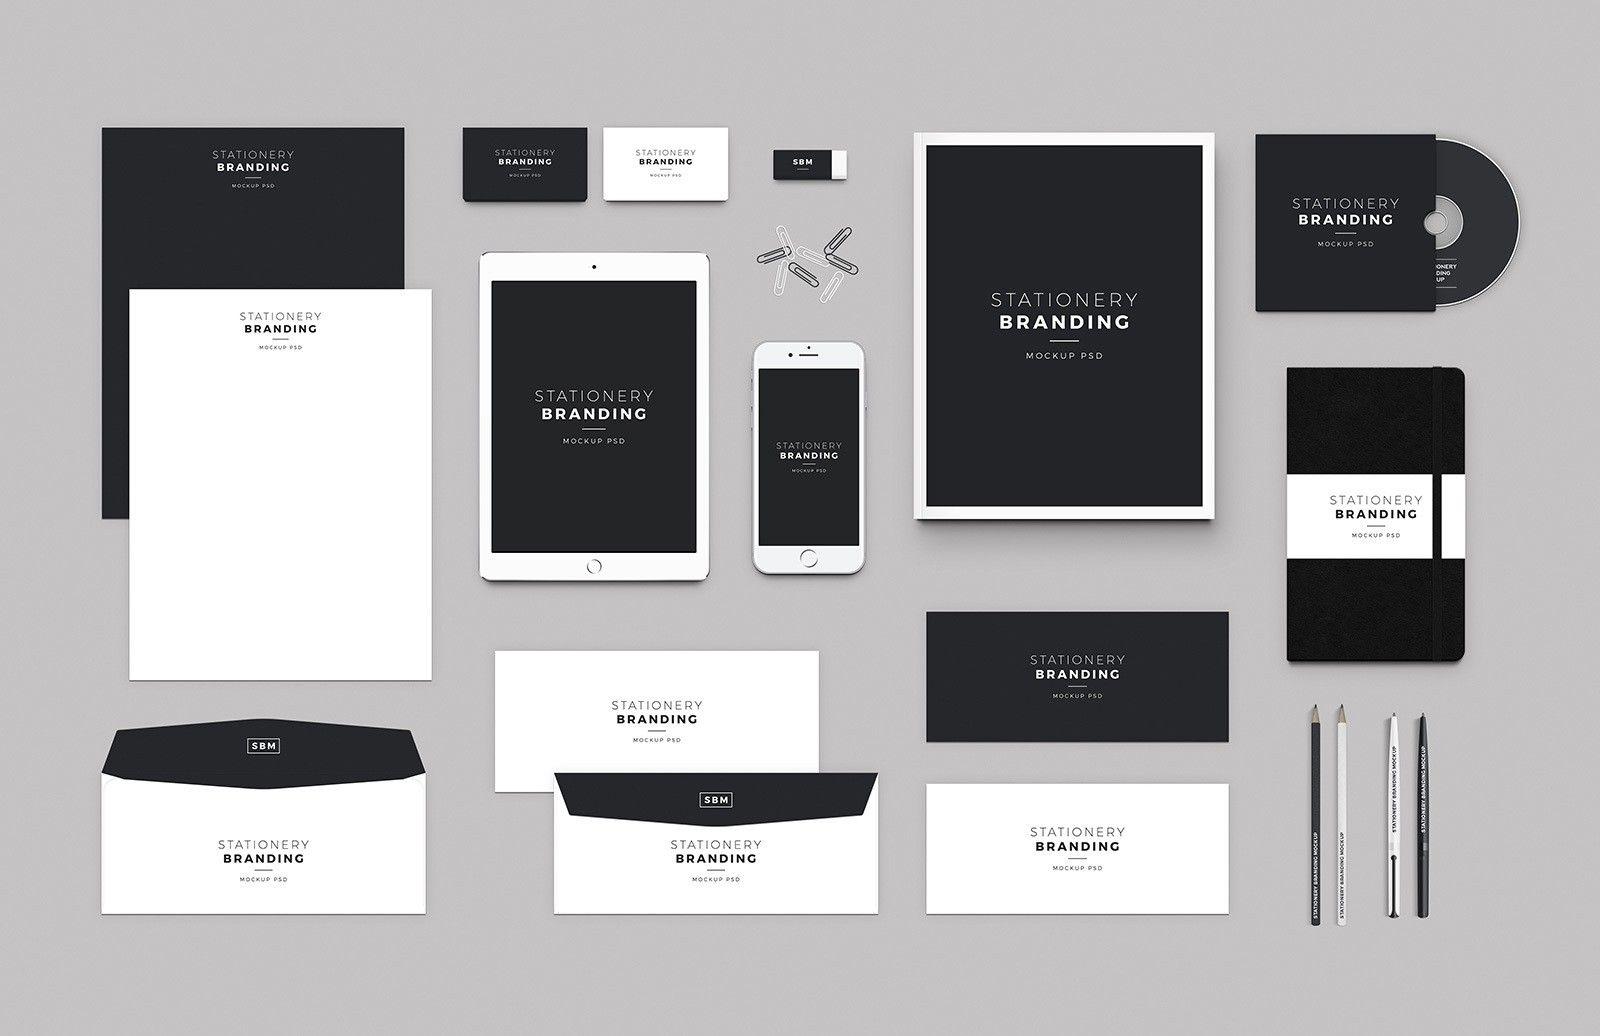 Stationery Branding Mockup Pack Branding Mockups Stationery Branding Free Stationery